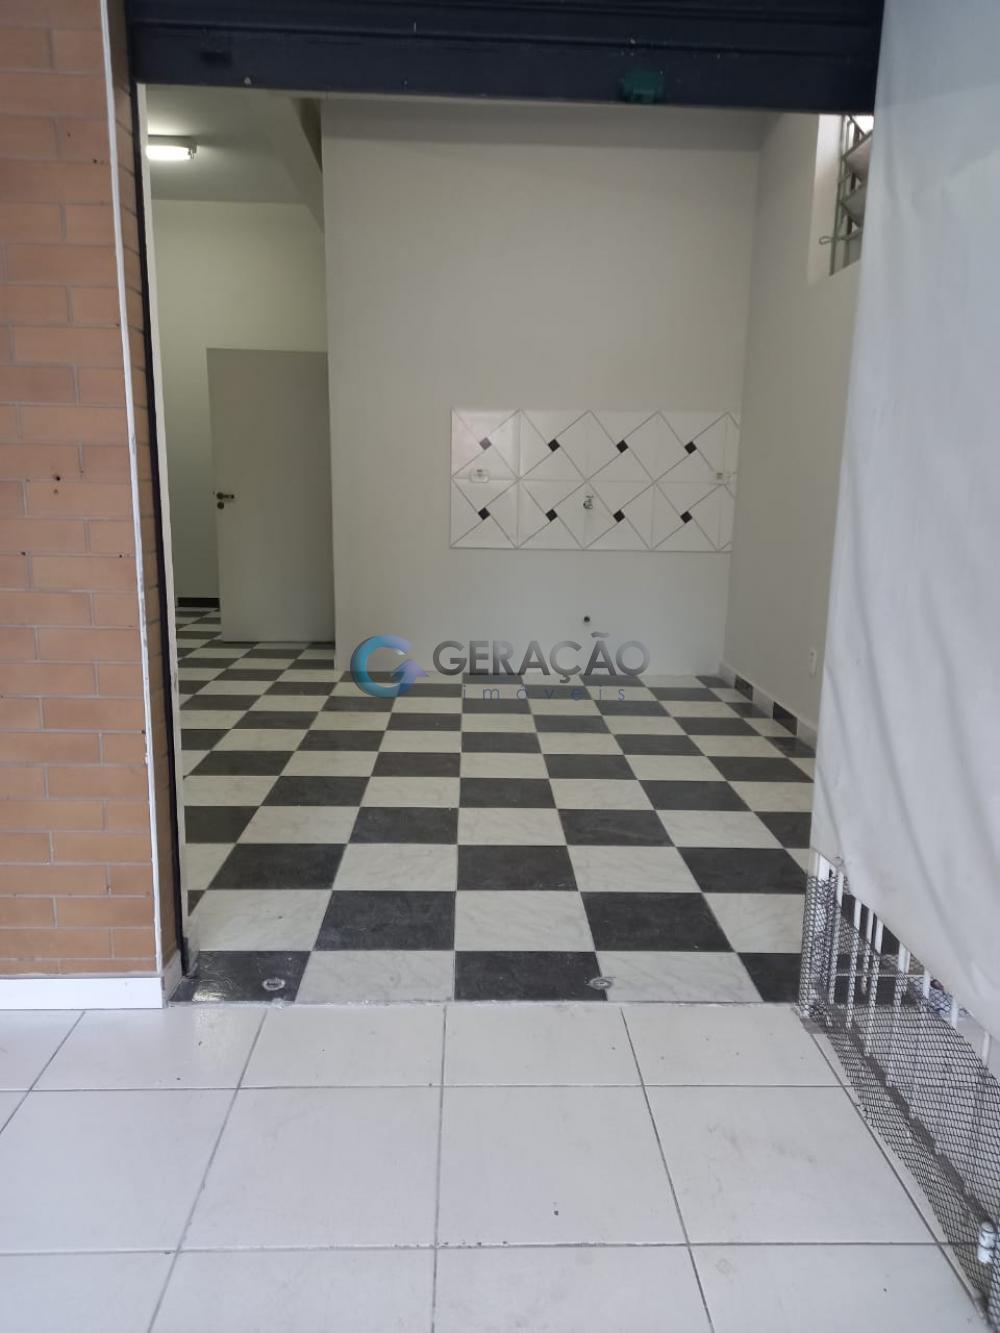 Alugar Comercial / Sala em São José dos Campos R$ 1.500,00 - Foto 10